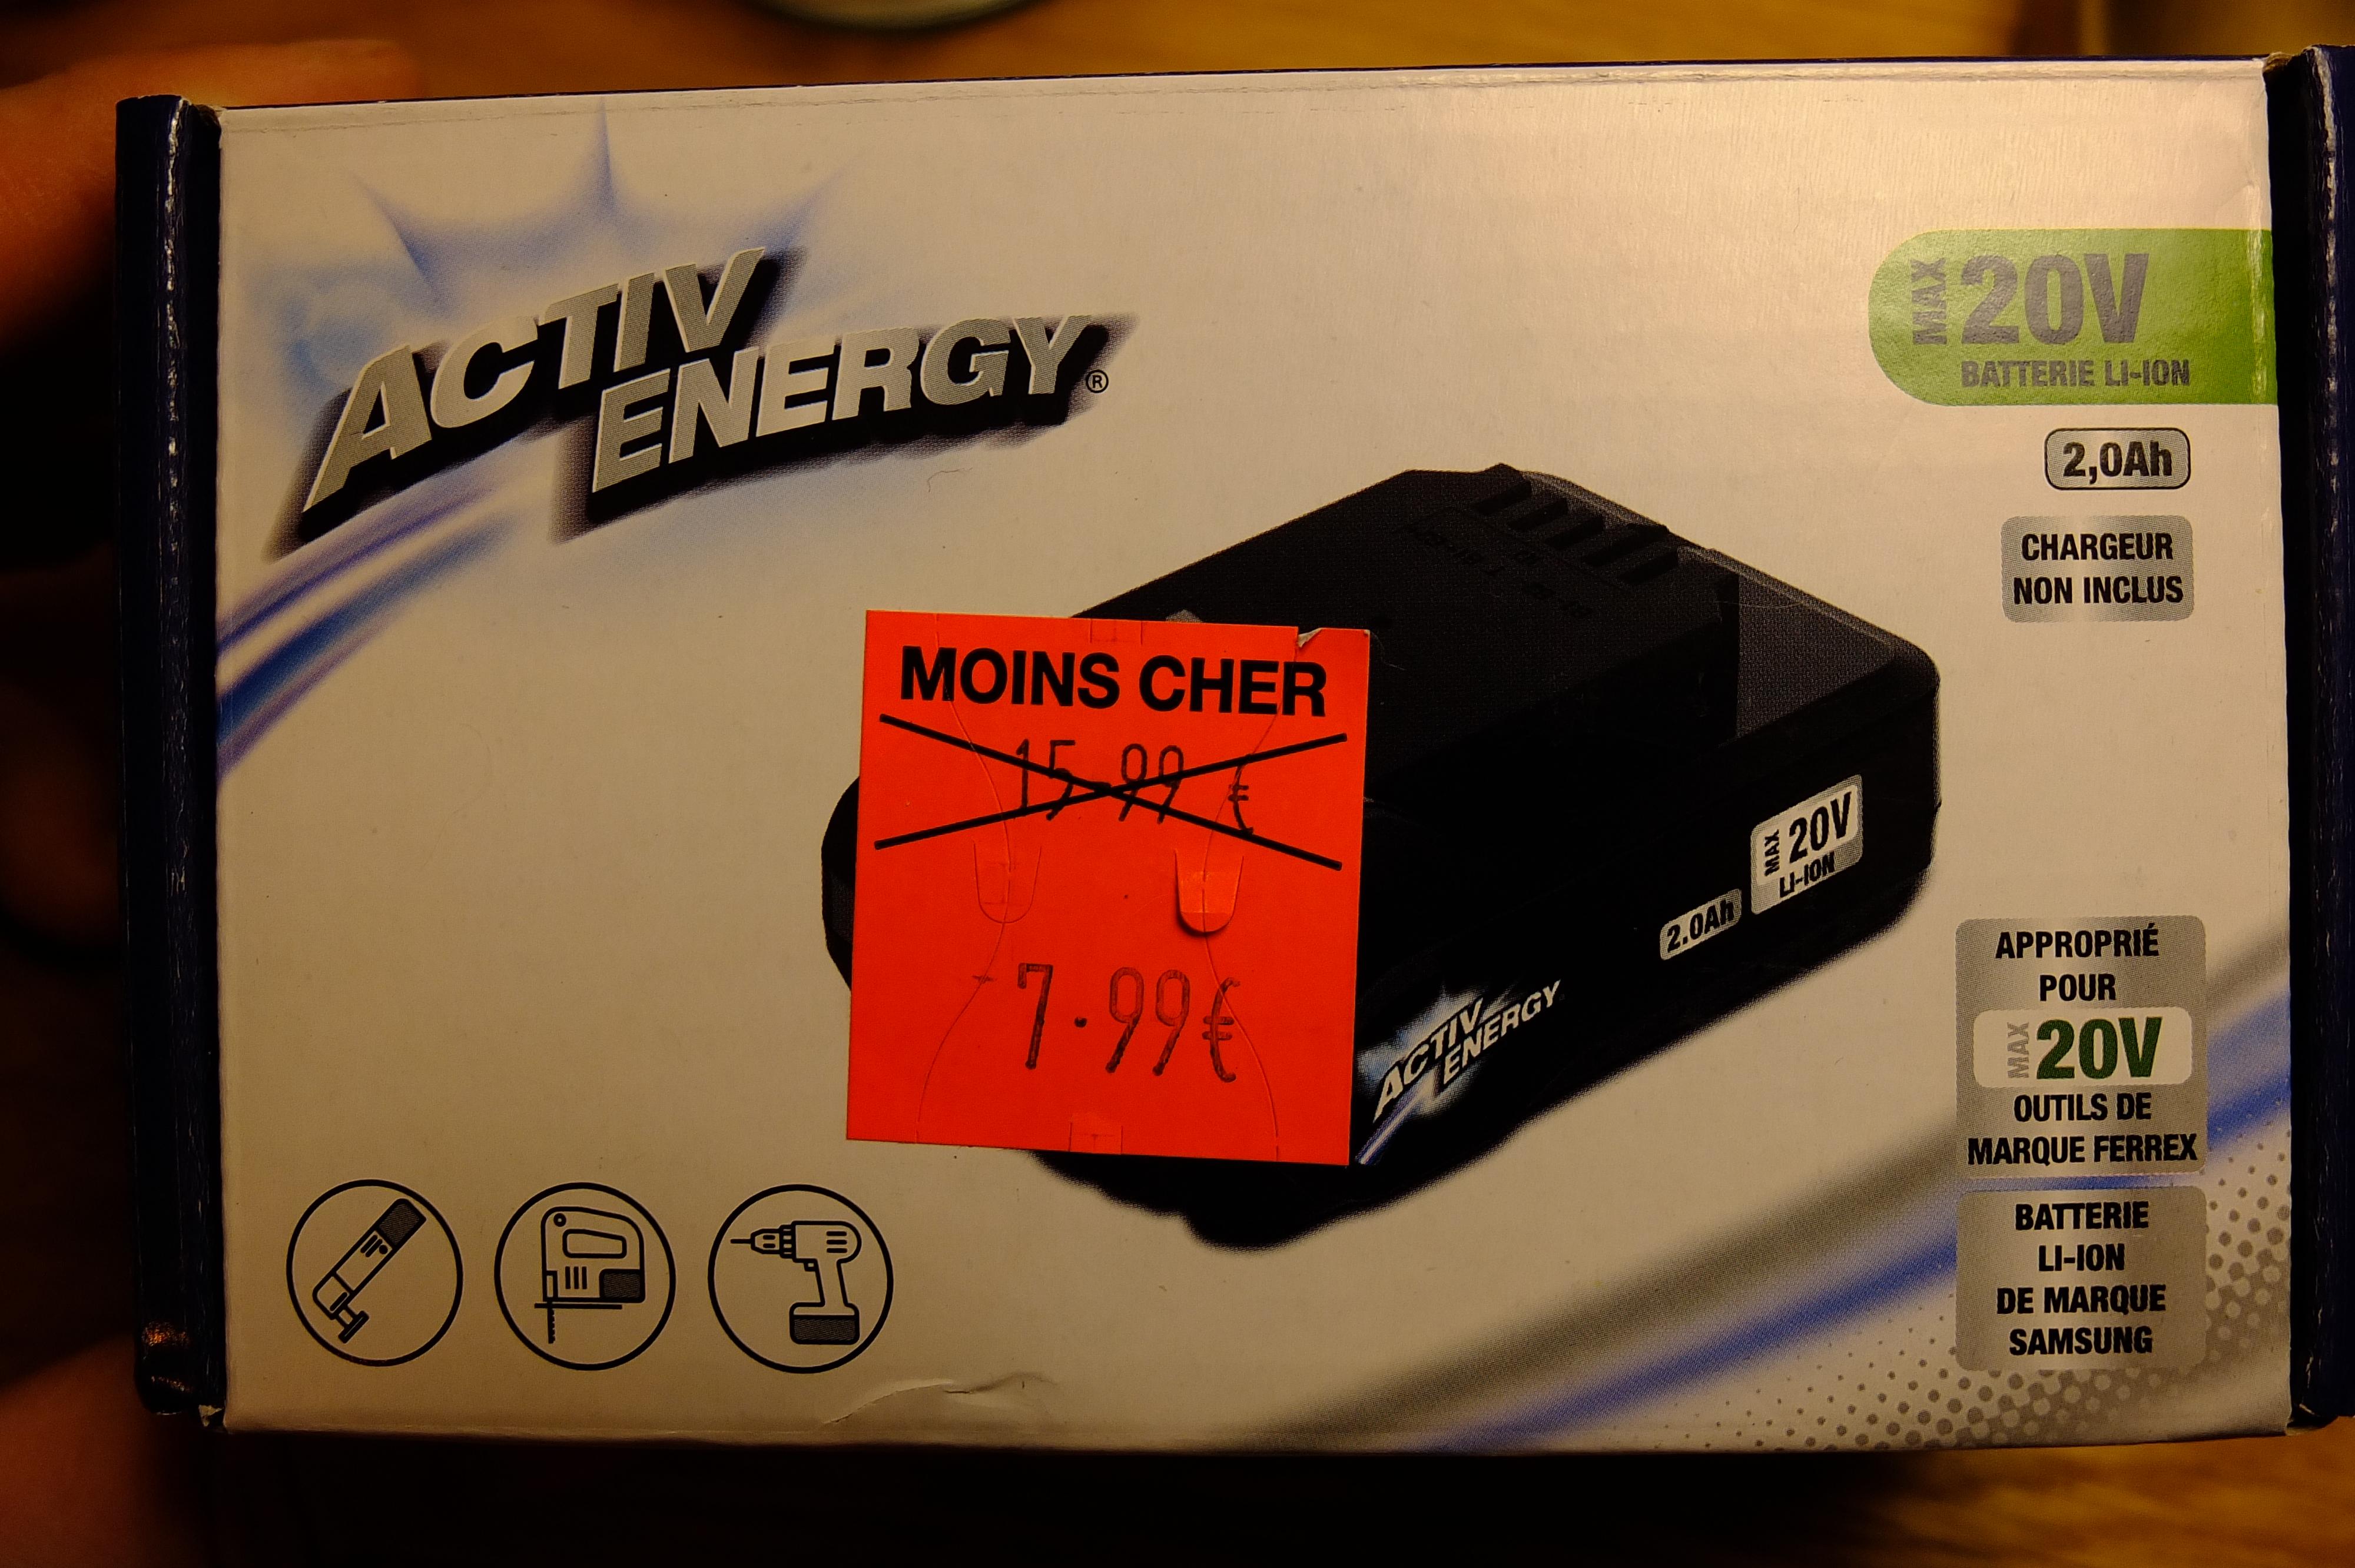 Batterie 20V 2,0 Ah Activ Energy pour outil électroportatif Ferrrex - Cambrai (59)